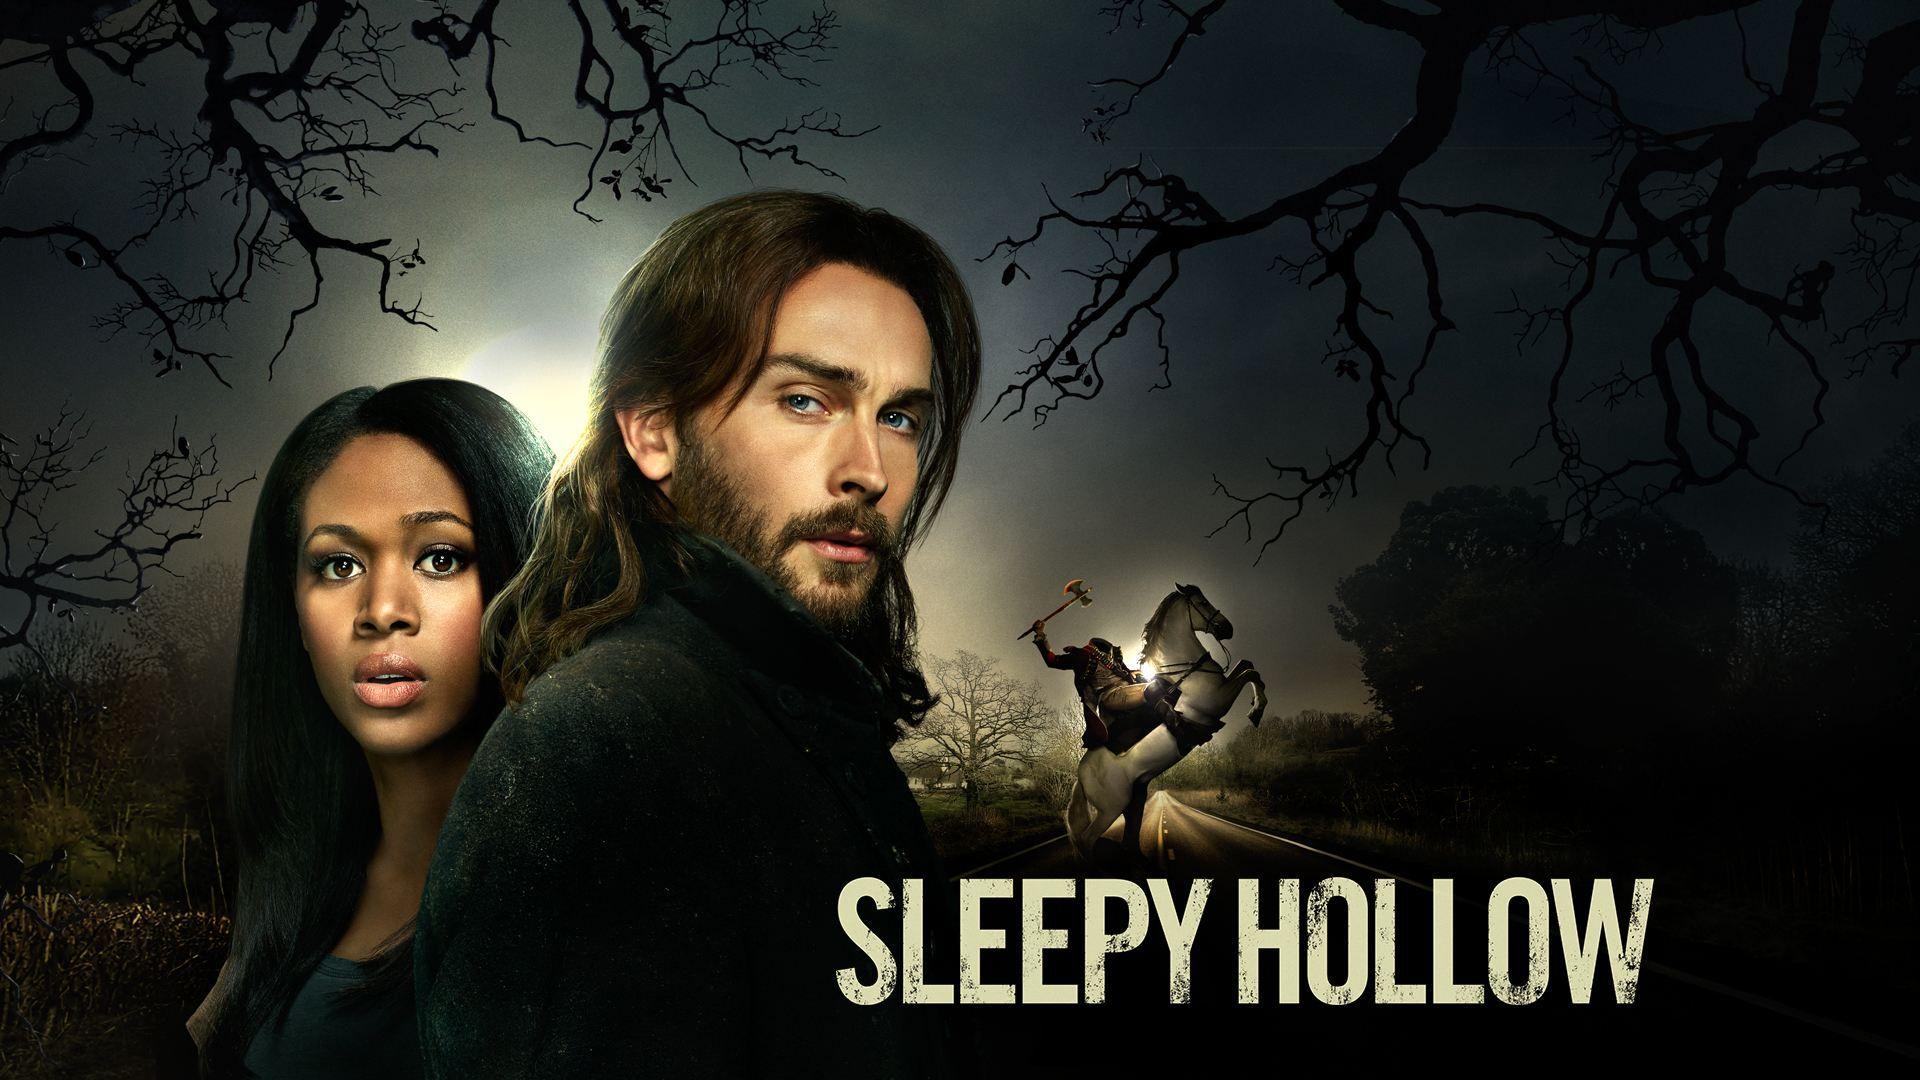 Sleepy Hollow Tv Show Sleepy Hollow 2014 Tv Series Wallpaper Sleepy Hollow En Netflix Sleepy